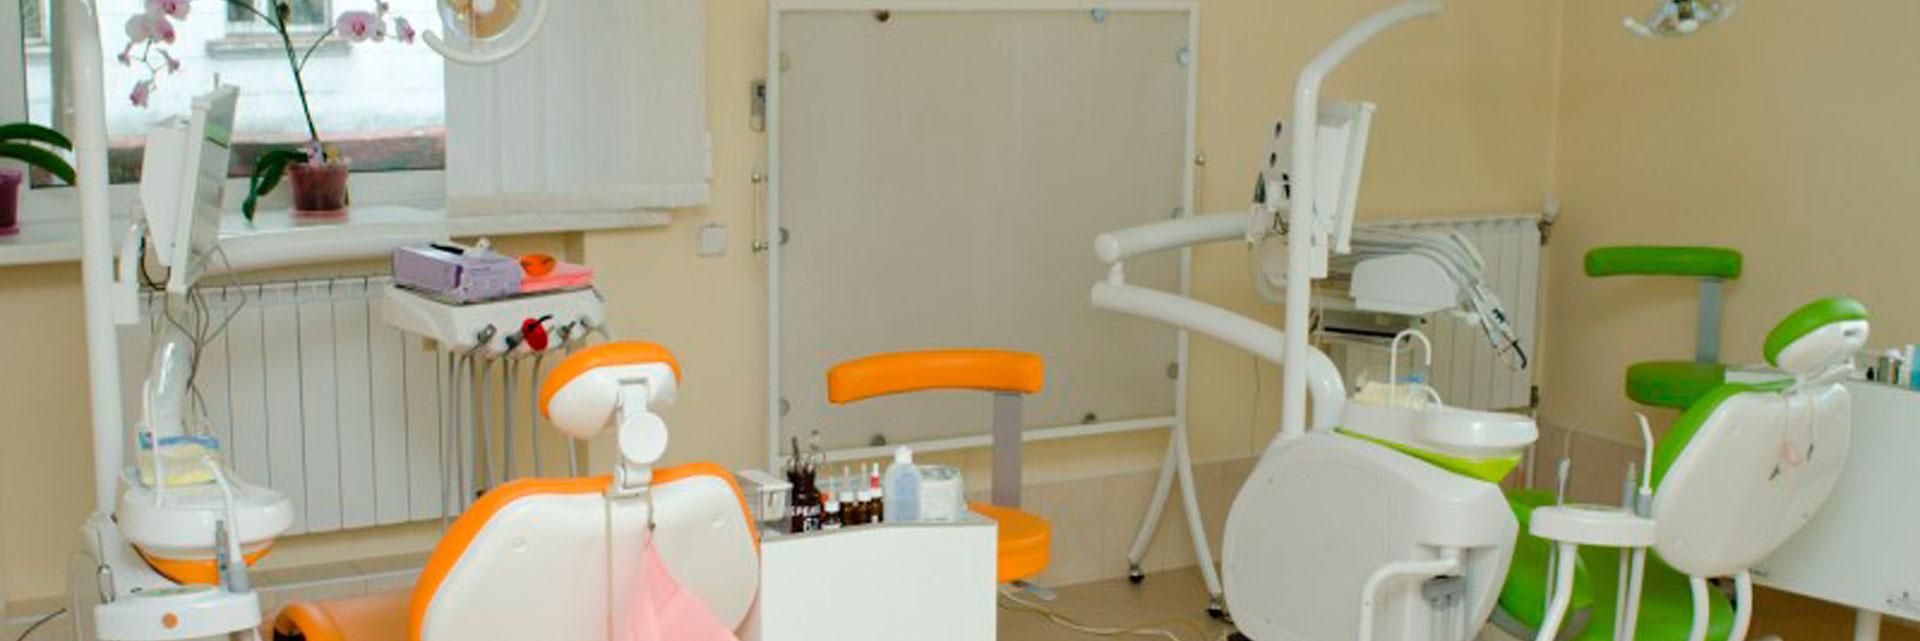 Кременчуг стоматолог